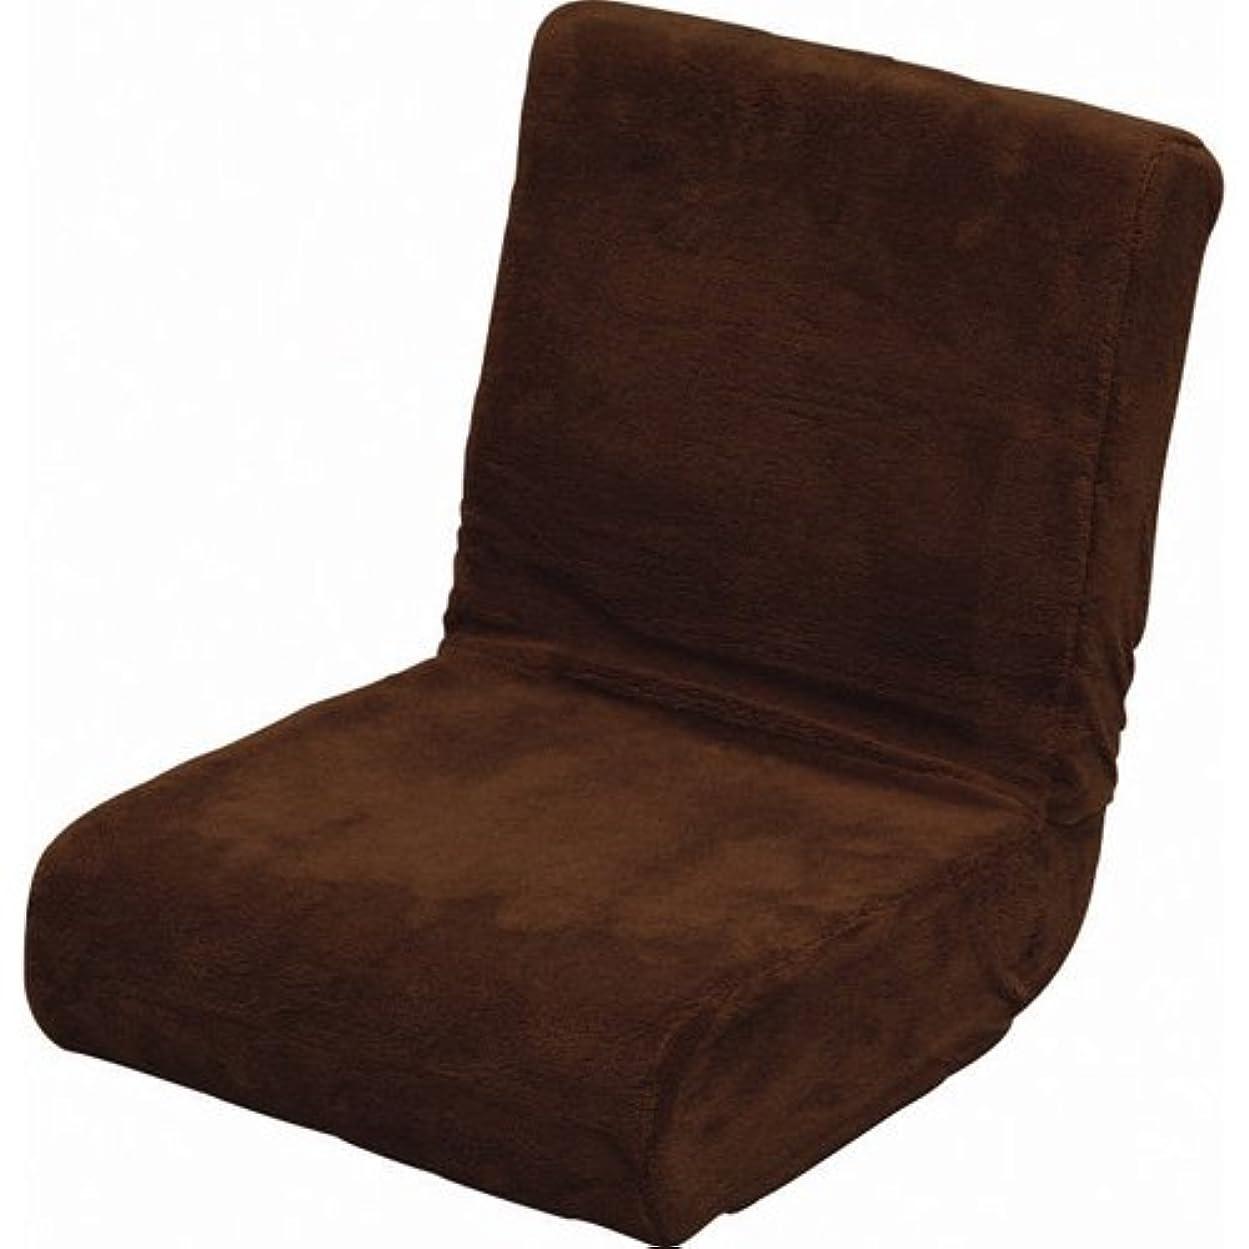 未知のボリューム融合アイリスオーヤマ 座椅子 & 枕 2way ふわふわ フロアチェア コンパクト 折りたたみ収納 ブラウン ZC-9